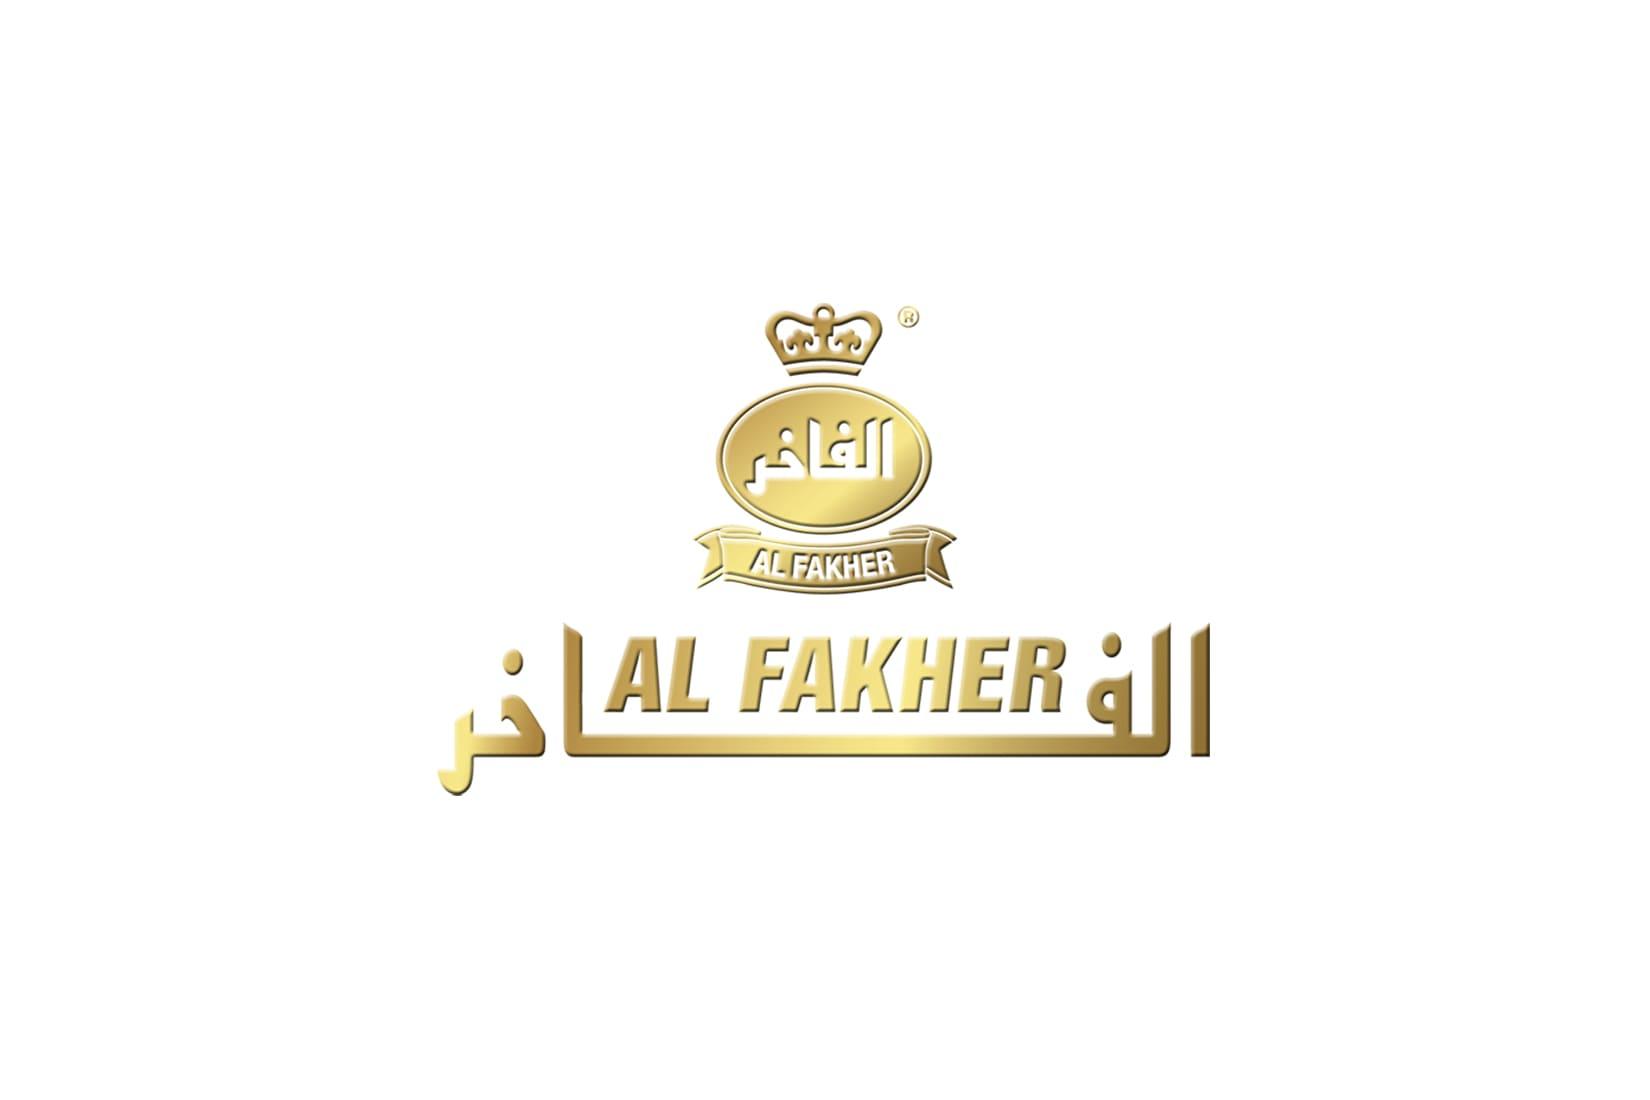 Табак для кальяна Al Fakher: описание, вкусы, миксы, отзывы